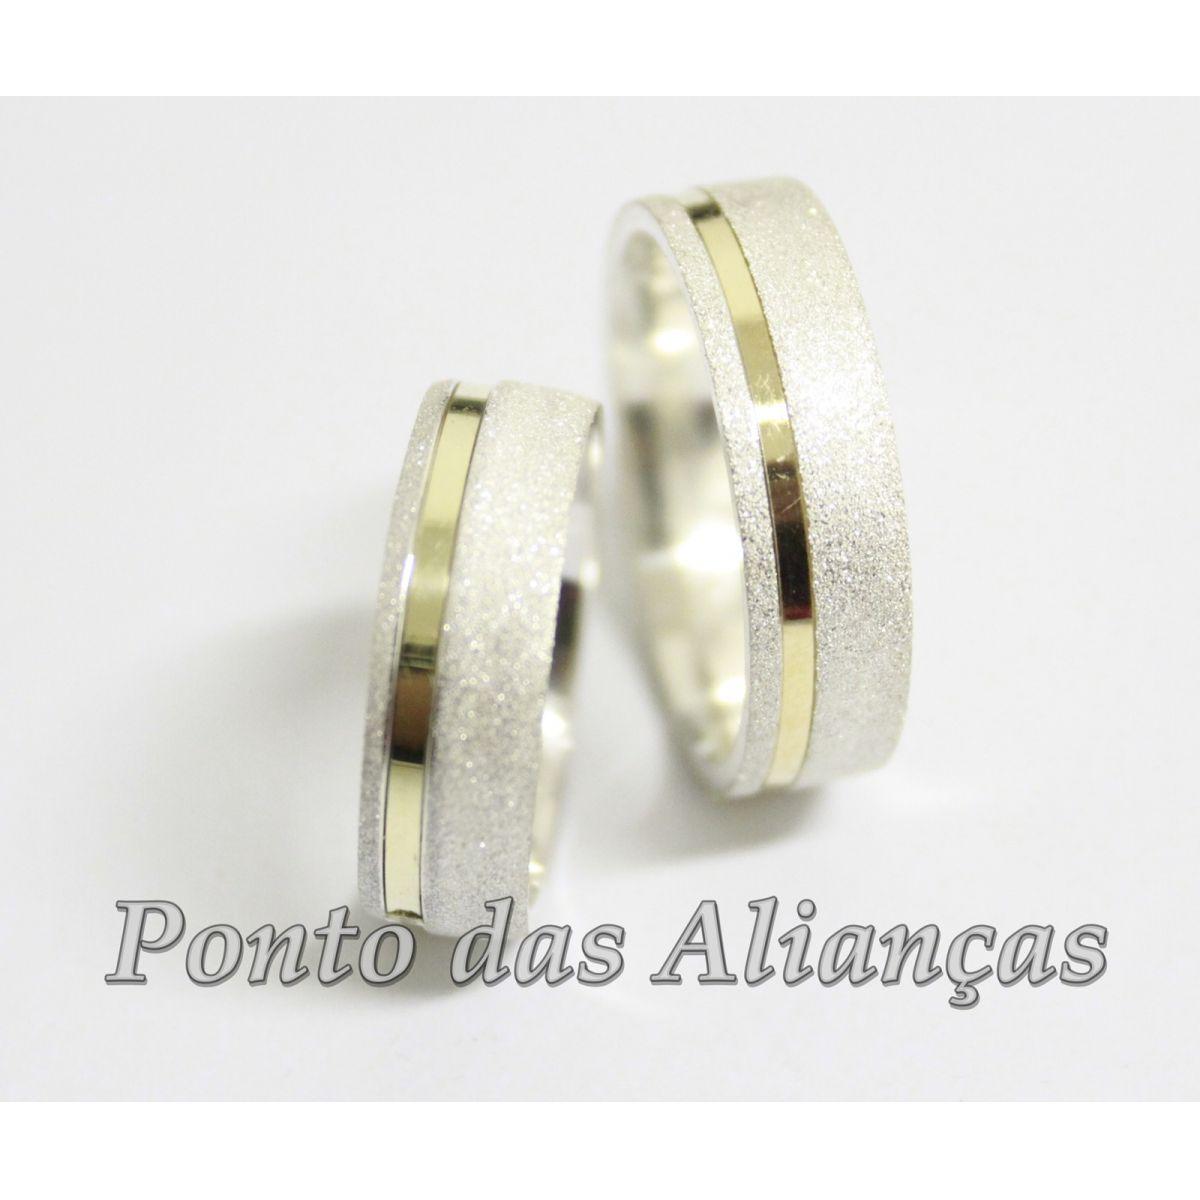 Alianças de Ouro e Prata Casamento ou Noivado - 545